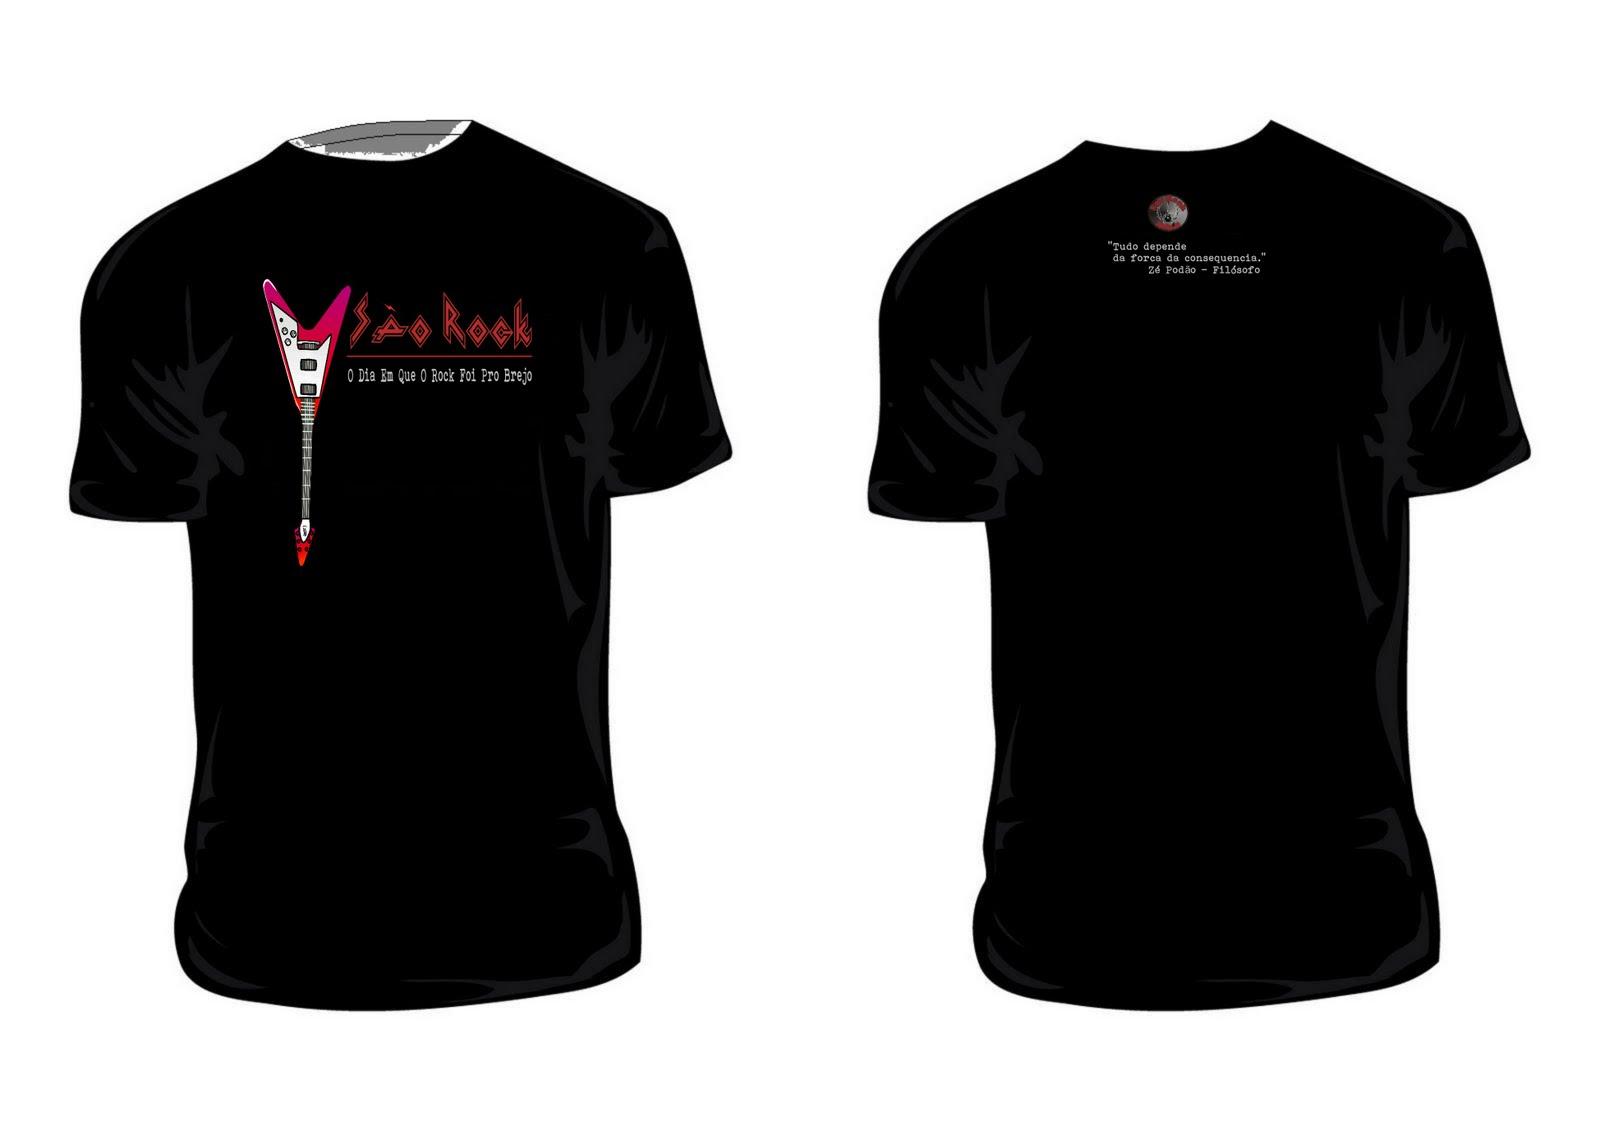 Camisas de Rock  Os Melhores Preços 7bdb058a6034f